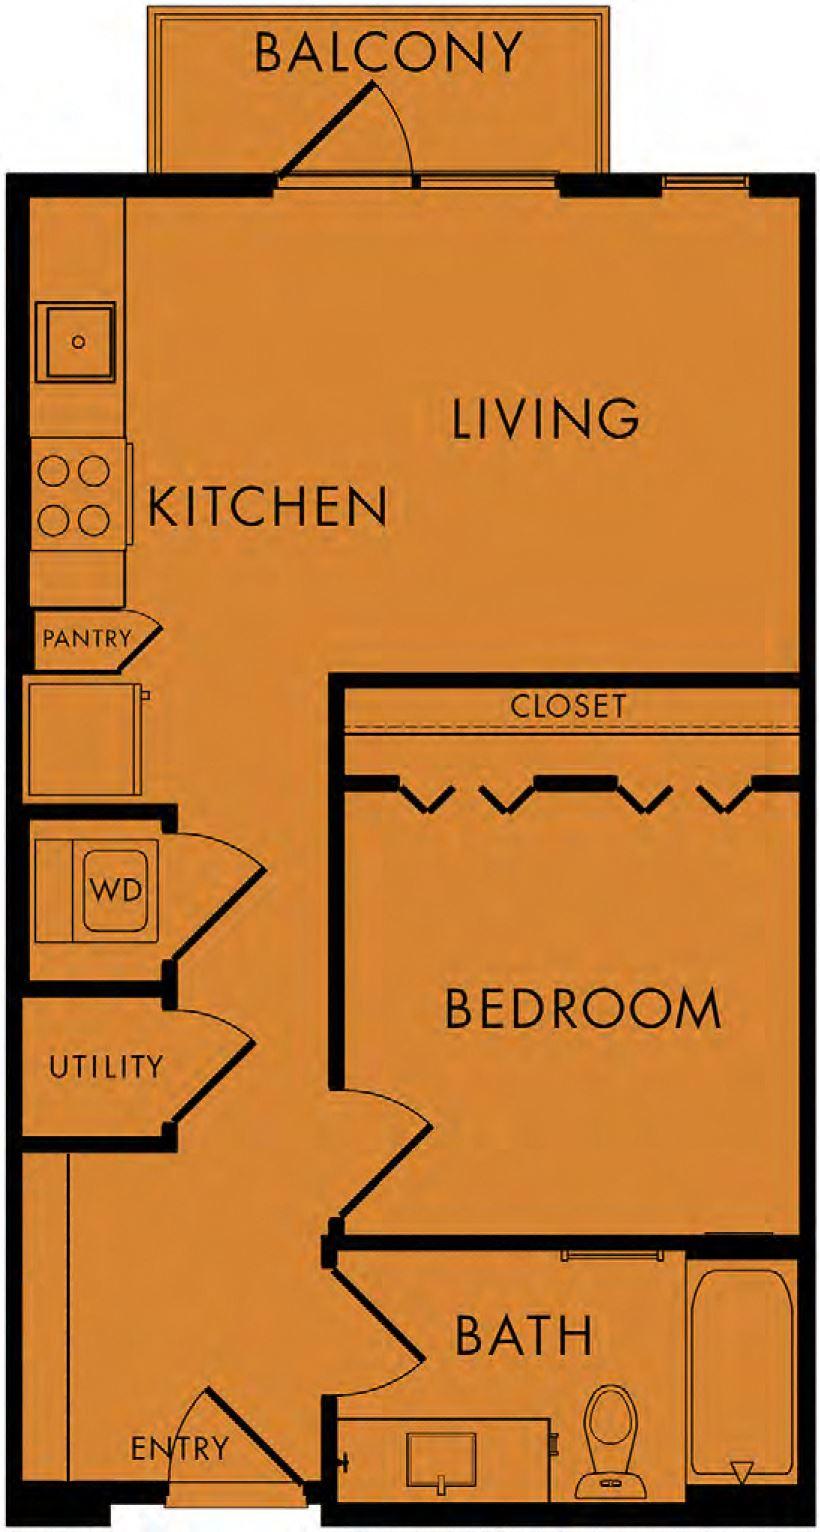 1 bed, 1 bath 540 sq ft